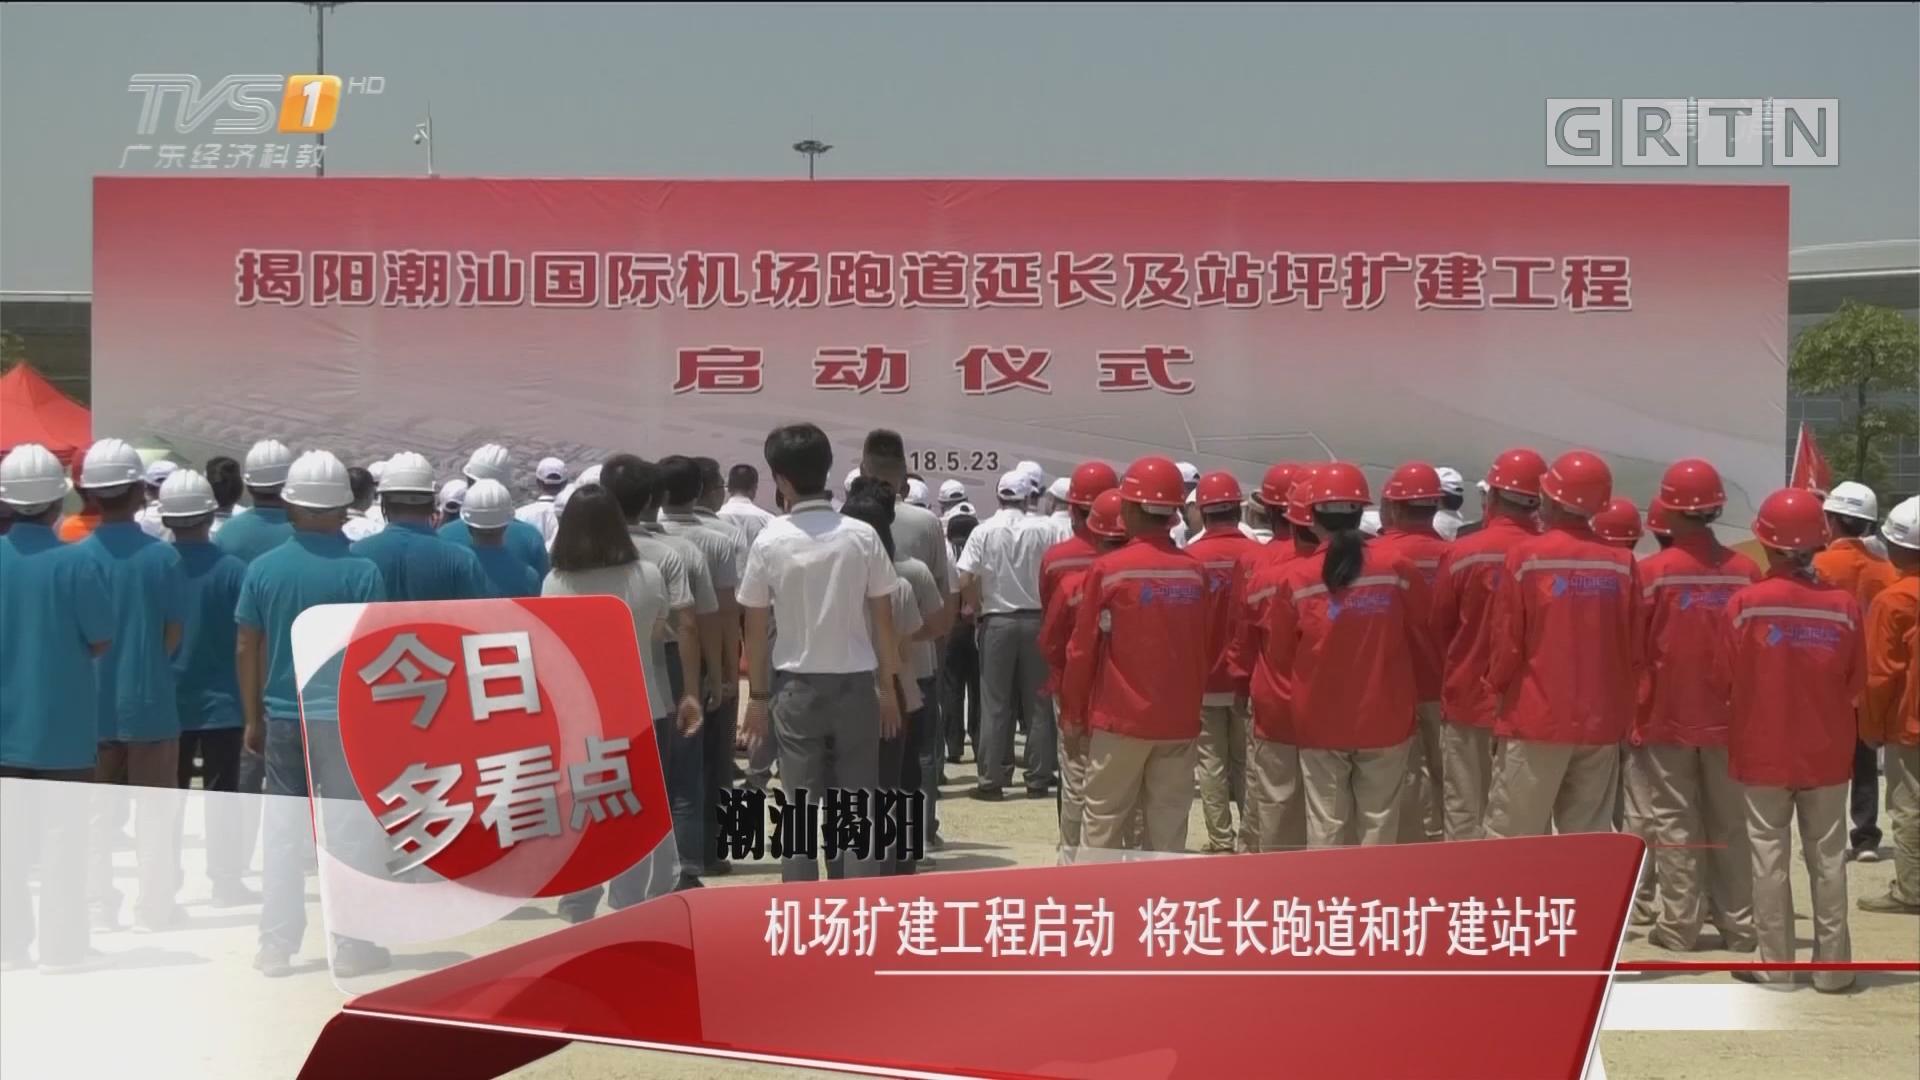 潮汕揭阳:机场扩建工程启动 将延长跑道和扩建站坪